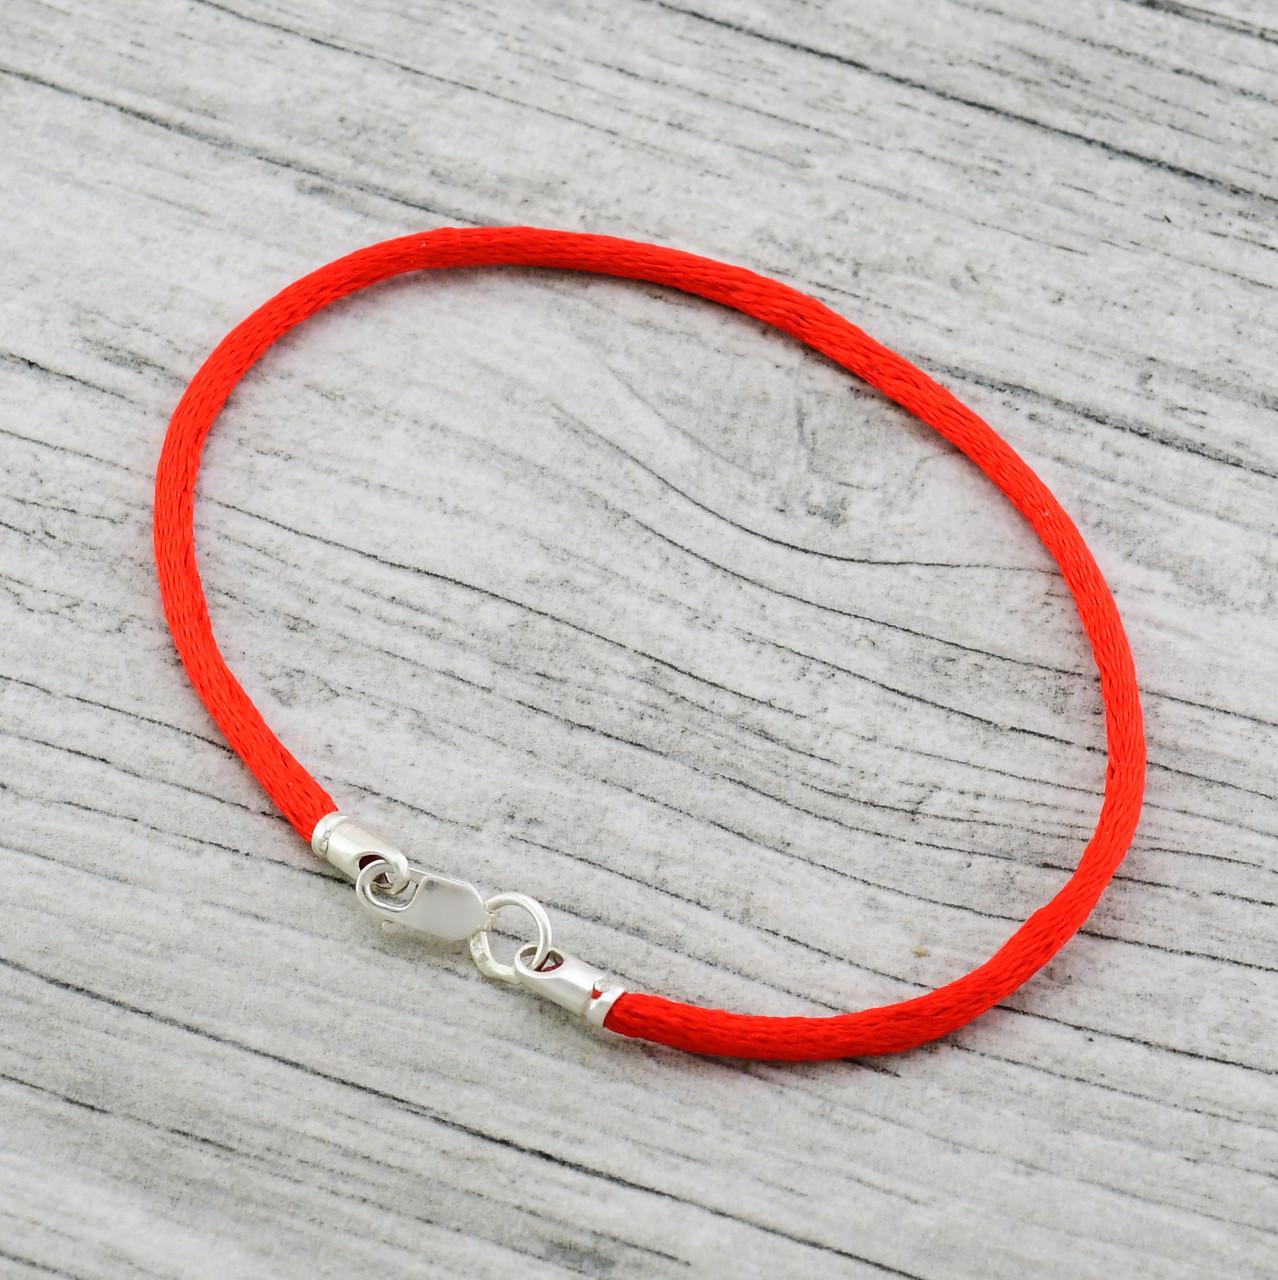 Серебряный браслет оберег 4033, ширина 2 мм, длина 16 см, вес 0.7 г